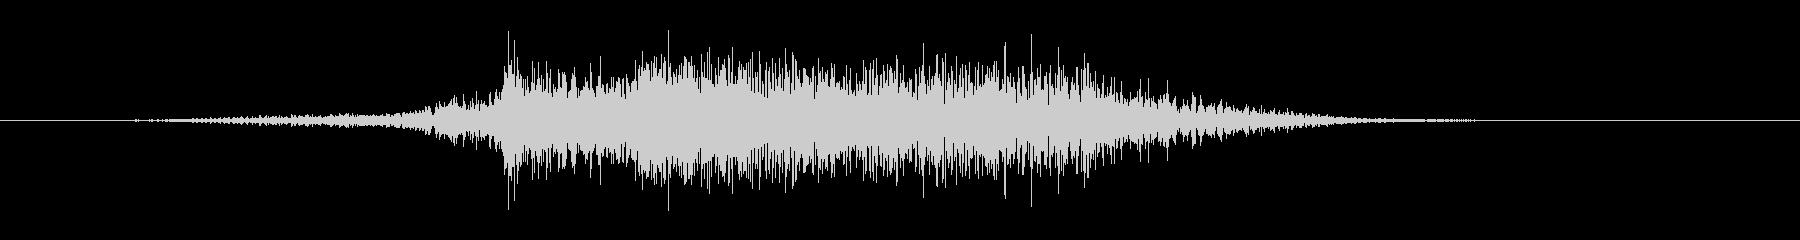 ジャーンという荘厳な起動音の未再生の波形